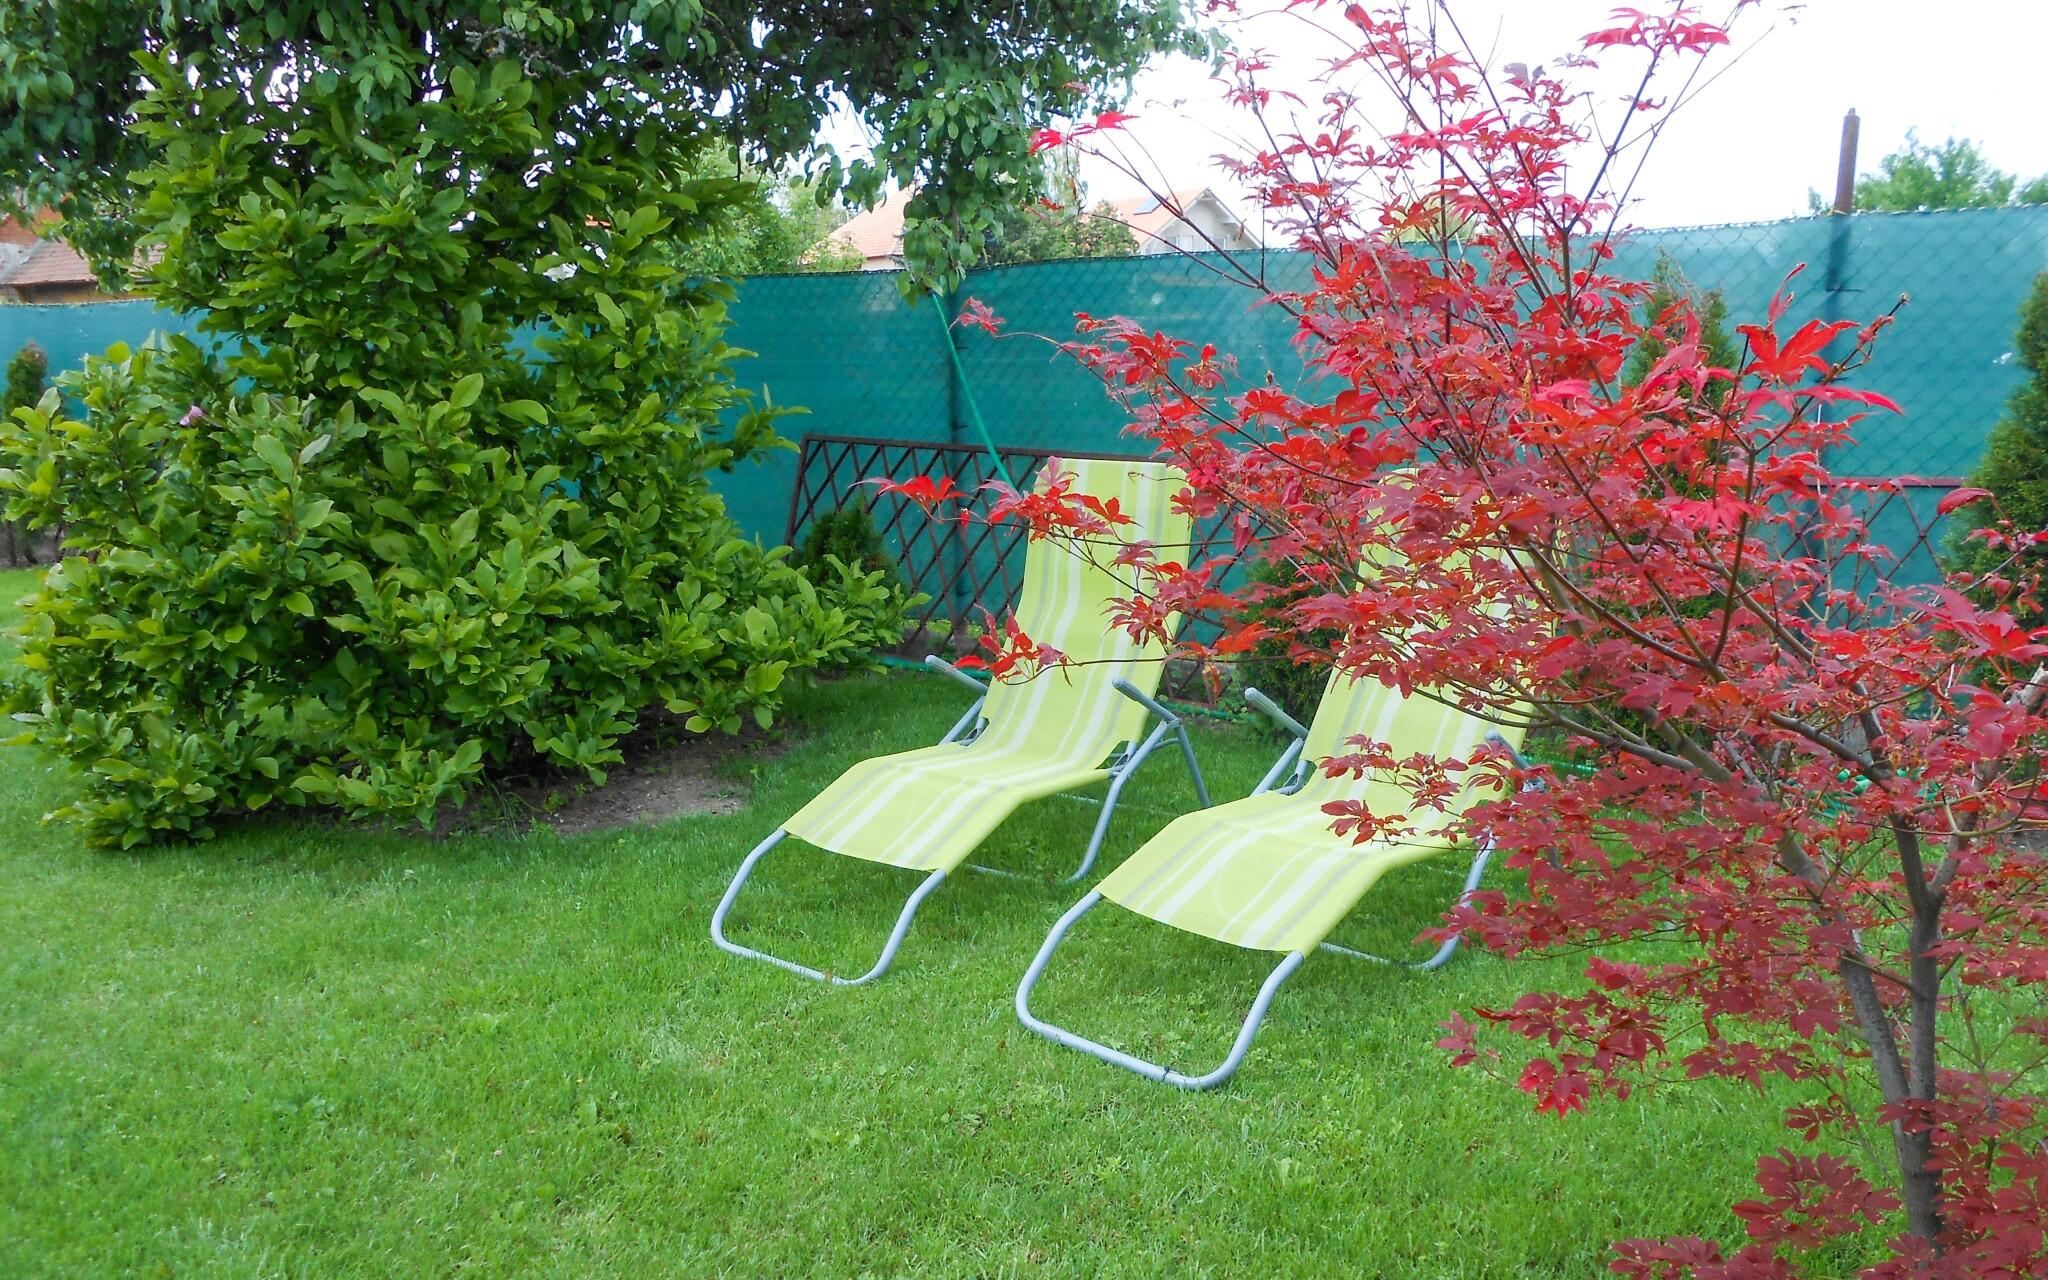 V teplých dňoch si poseďte vonku na záhrade